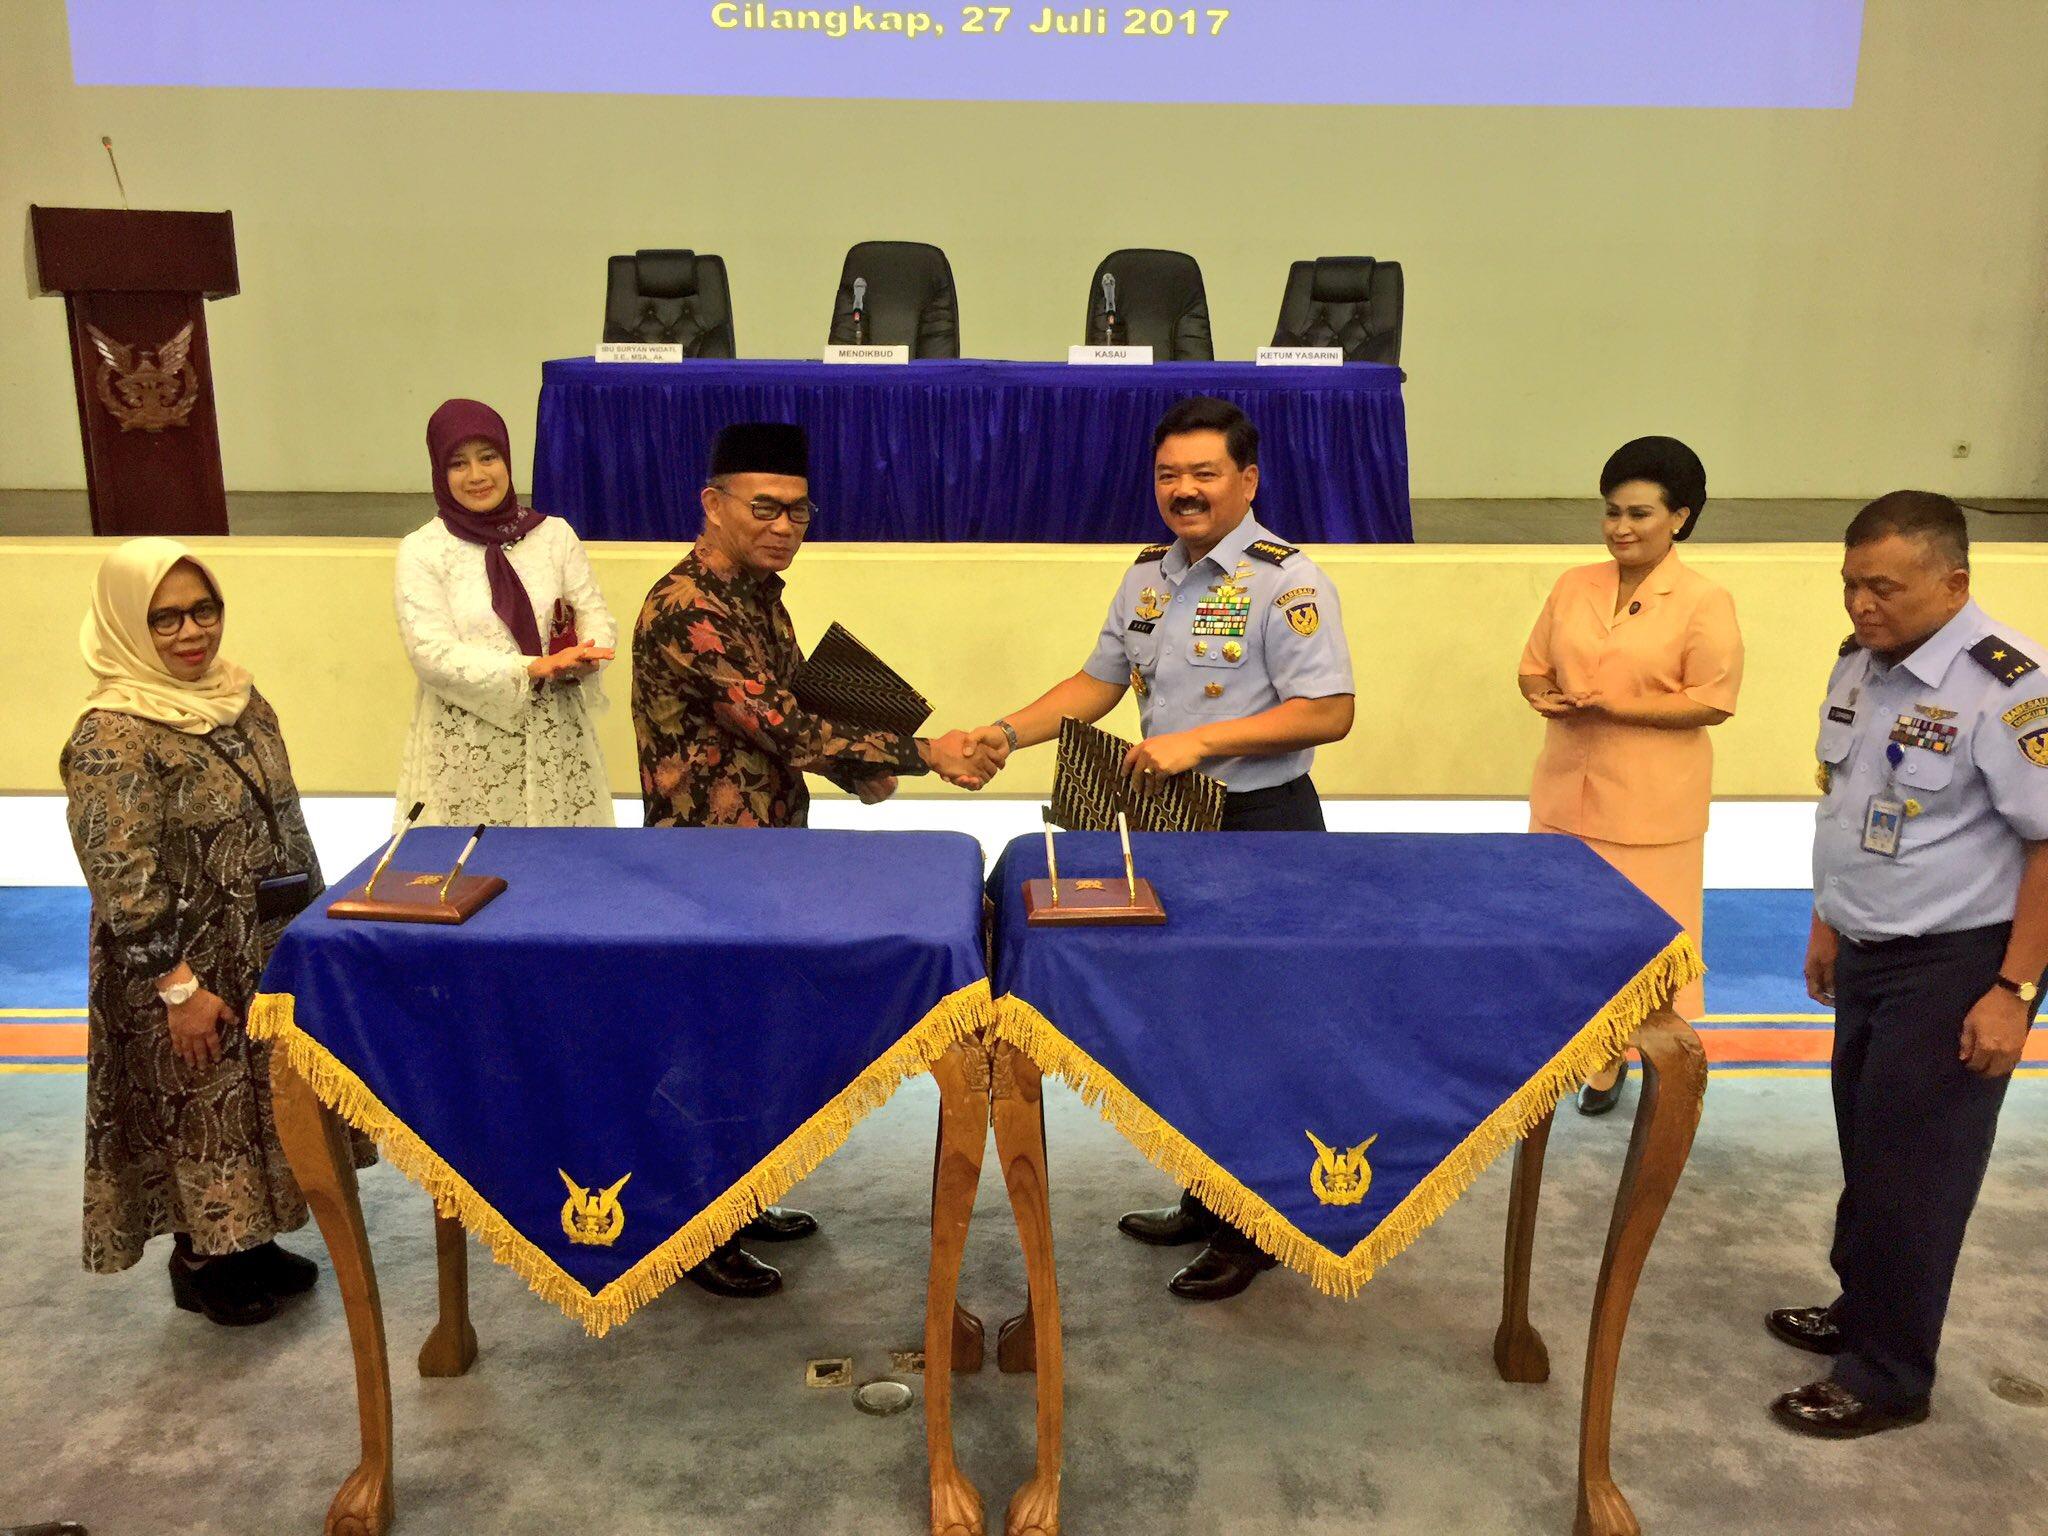 Kemendikbud-TNI AU Kerjasama Kembangkan Pendidikan